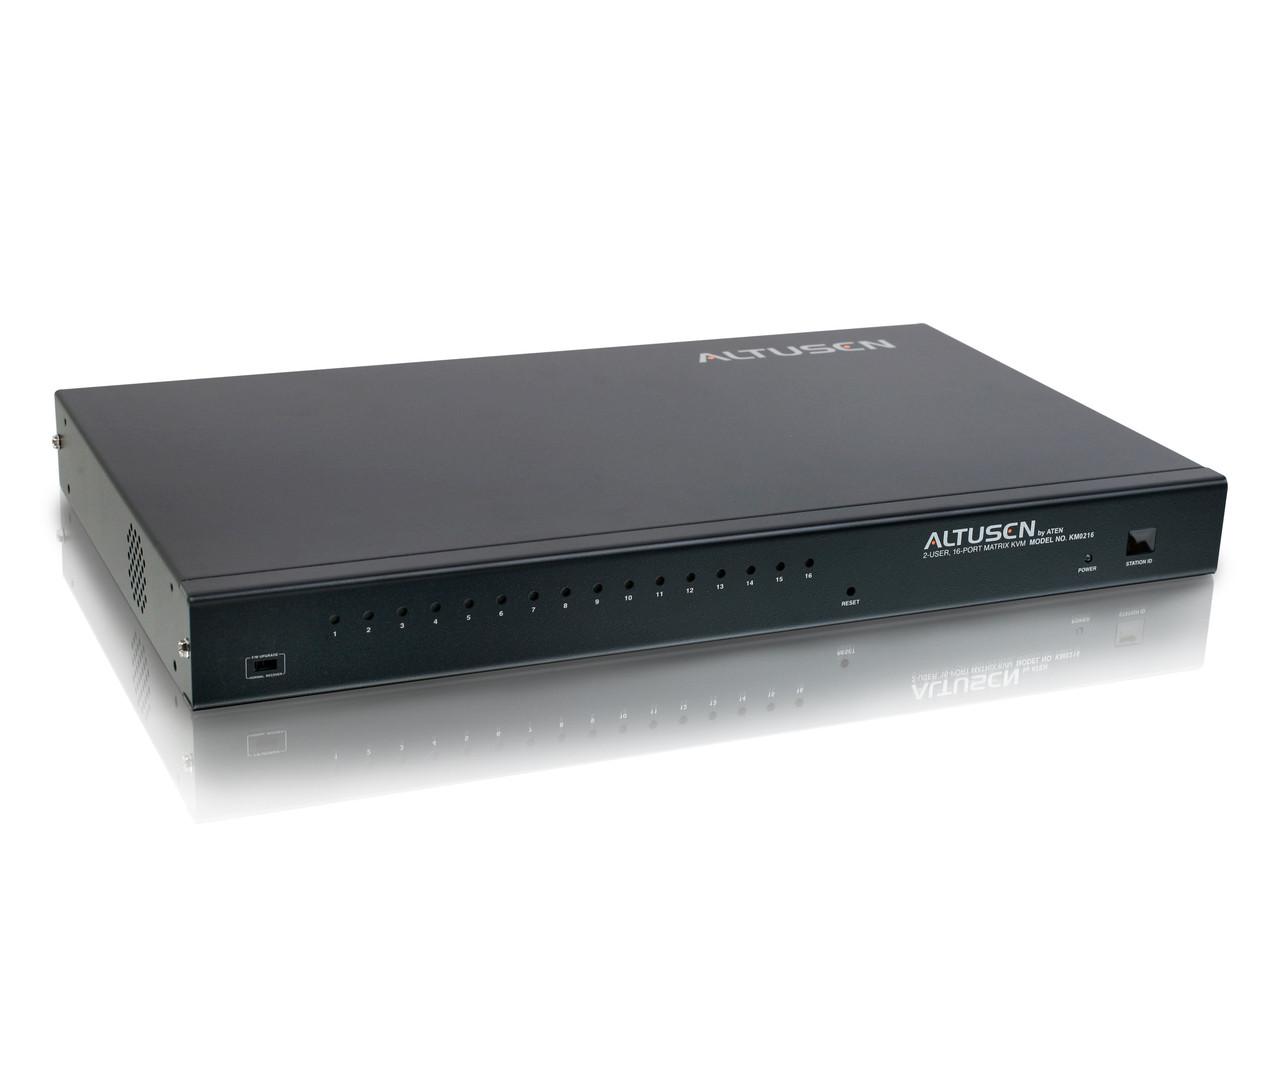 KM0216 1U 2-консольный 16-портовый матричный KVM переключатель, ALTUSEN.